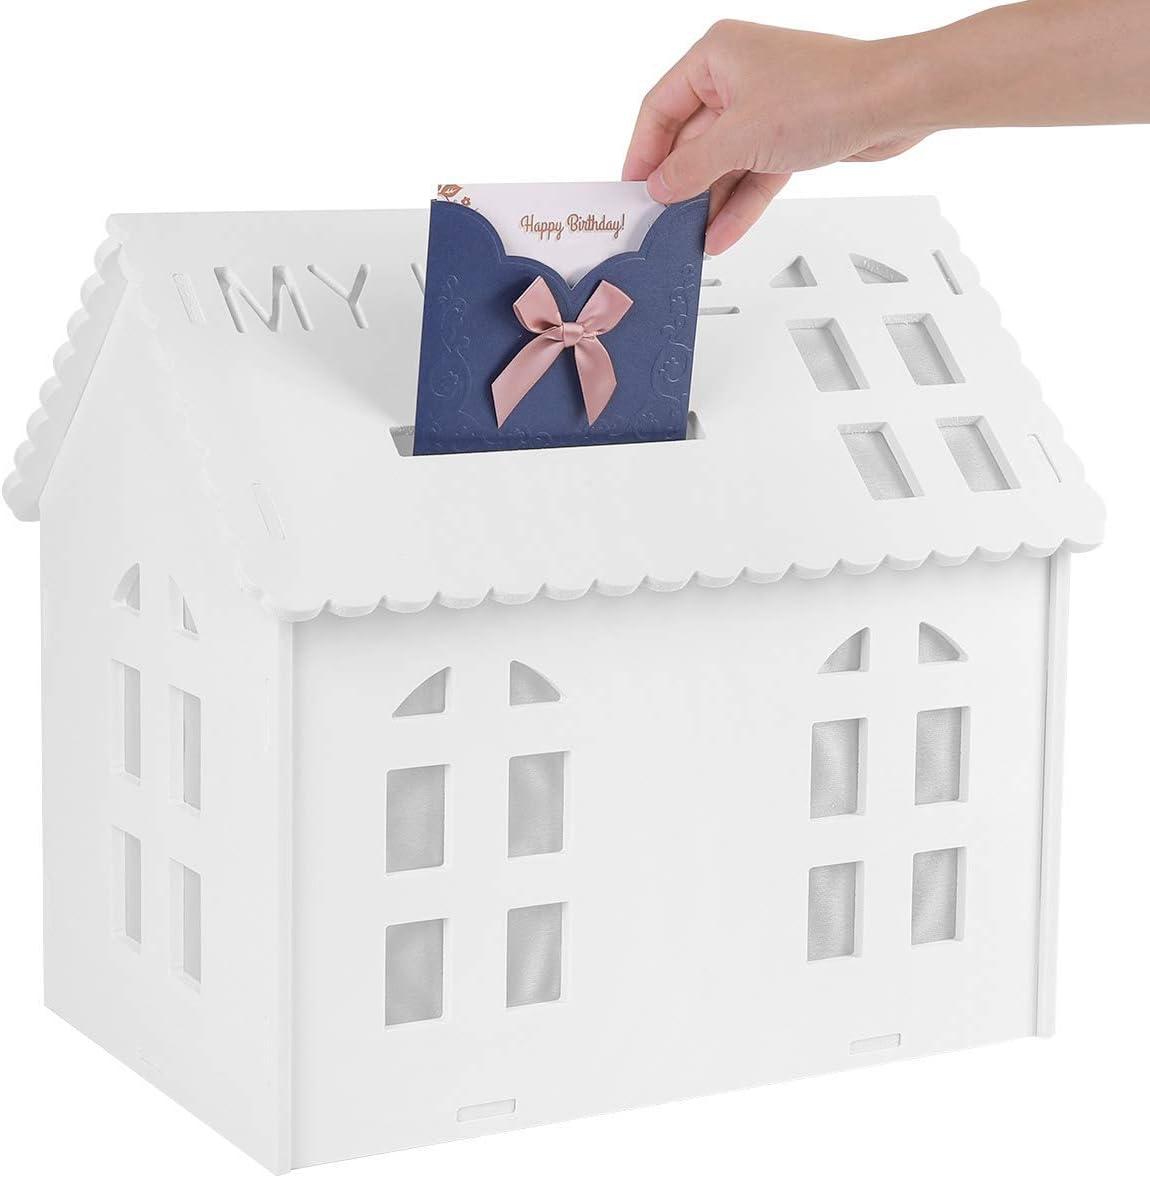 UNHO Caja para Tarjetas de Felicitación Caja de Dinero de Boda Caja Blanca de Ducha Nupcial con Ranura Organizador de Regalos para Boda Recepción Baby Shower Aniversario: Amazon.es: Hogar